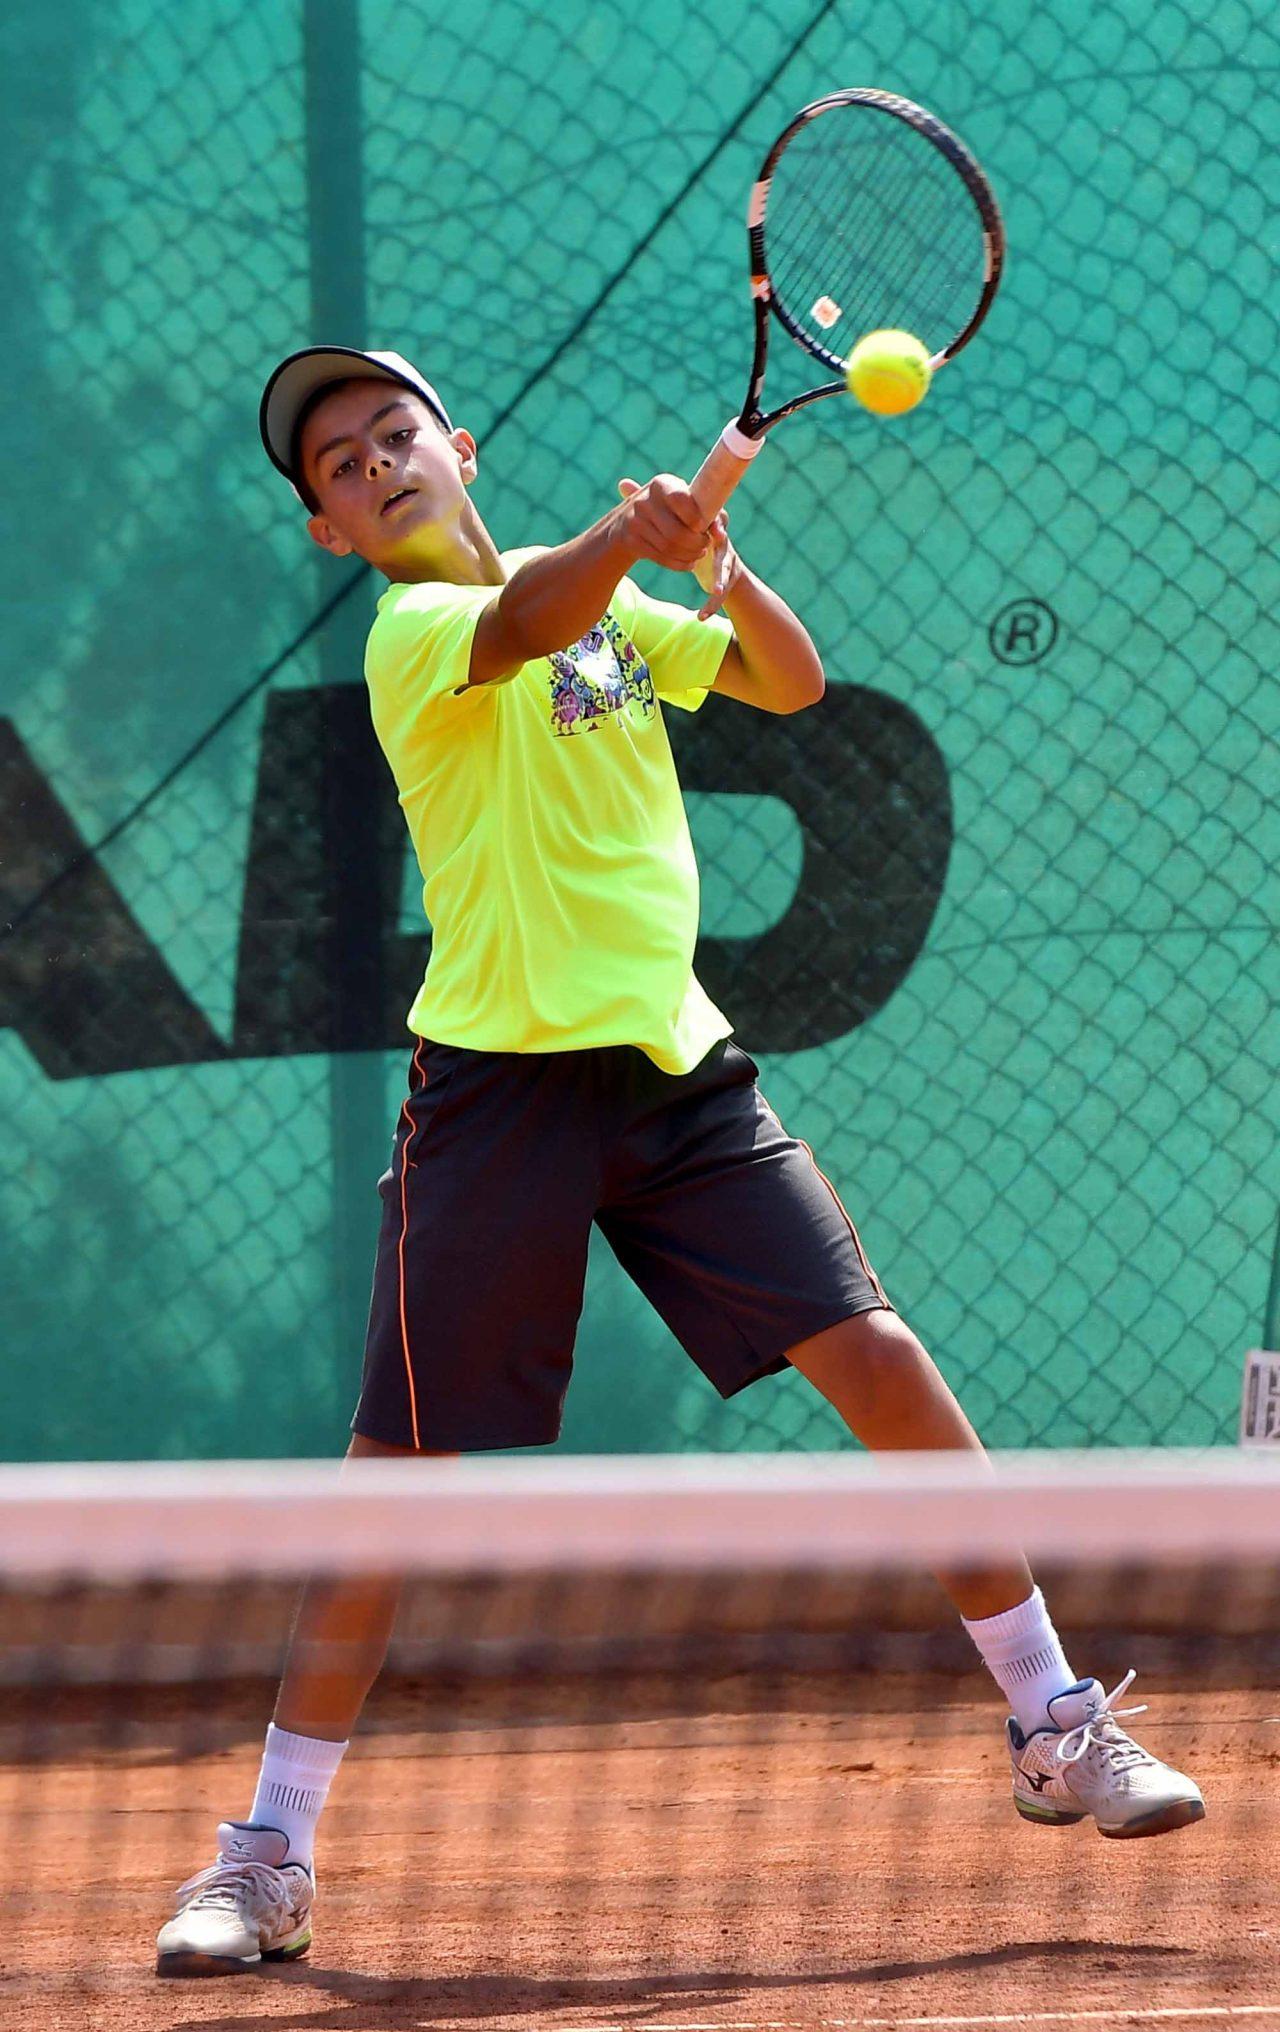 Държавно първенство тенис до 14 год. ТК 15-40 финал двойки (5)